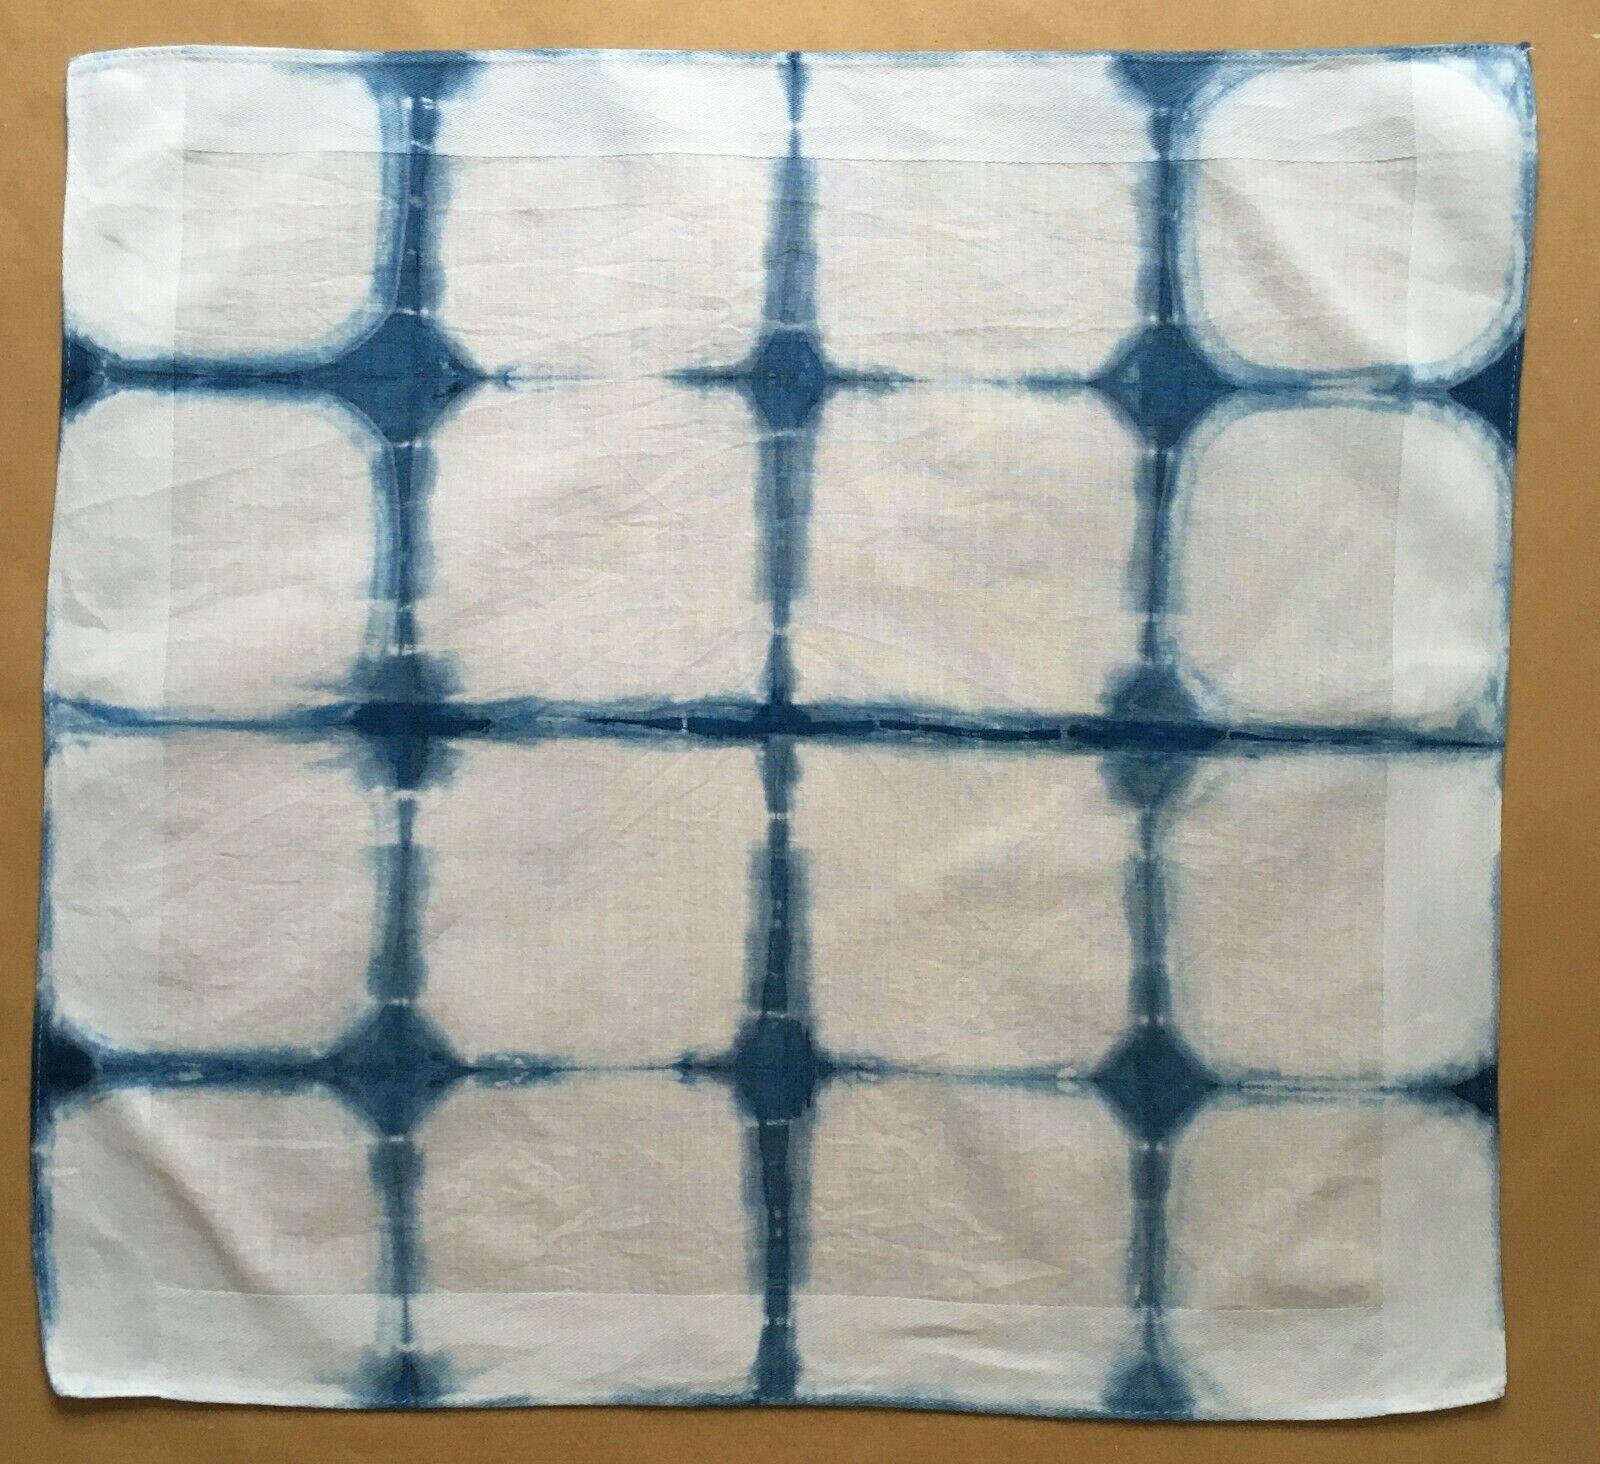 Shibori Indigo Dyed Cotton Handkerchief